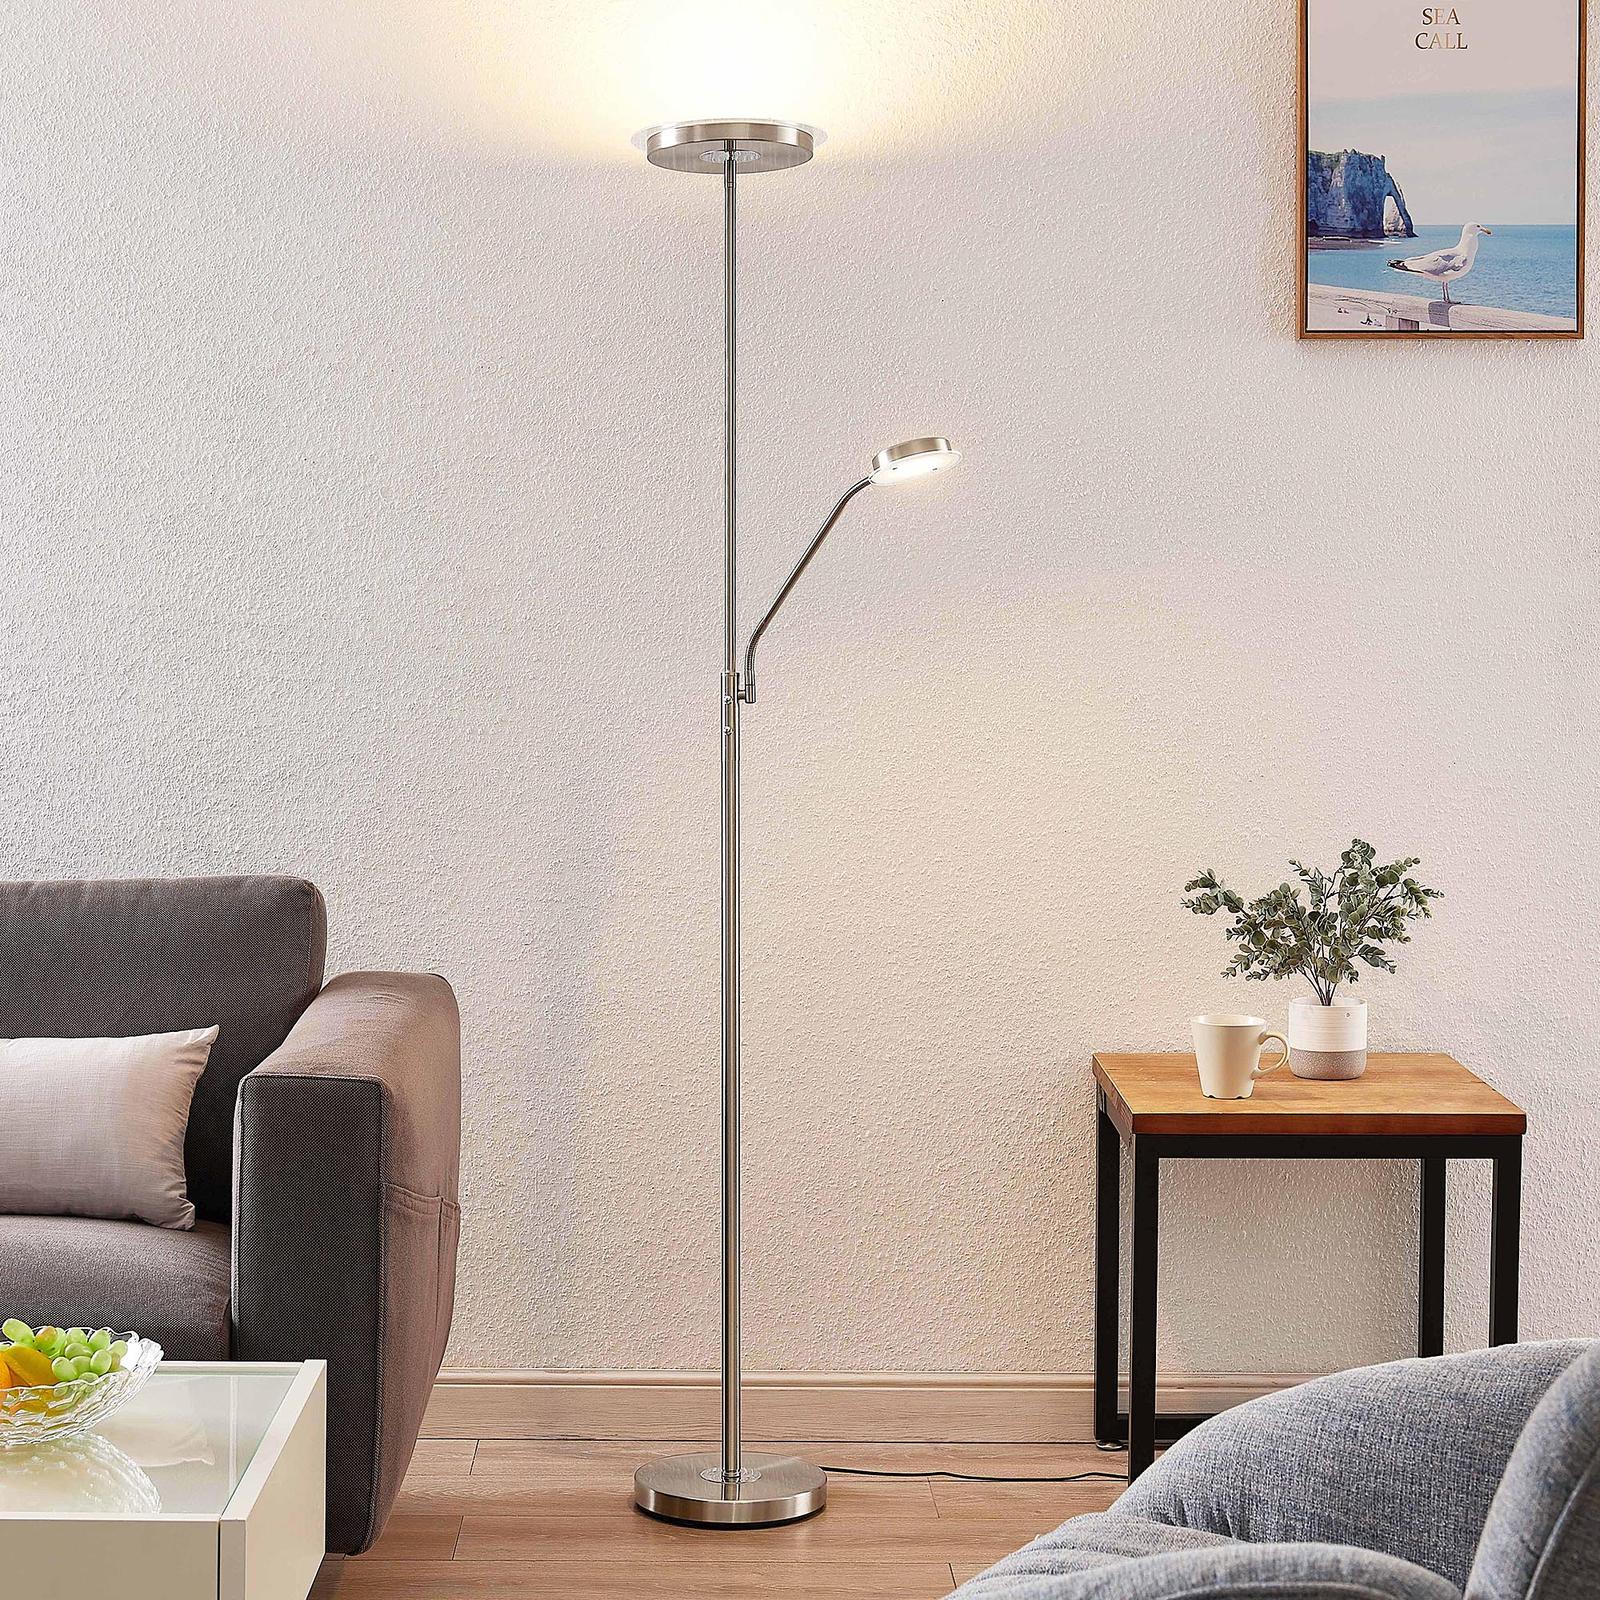 Lindby Sumani lampa stojąca LED, okrągła, nikiel